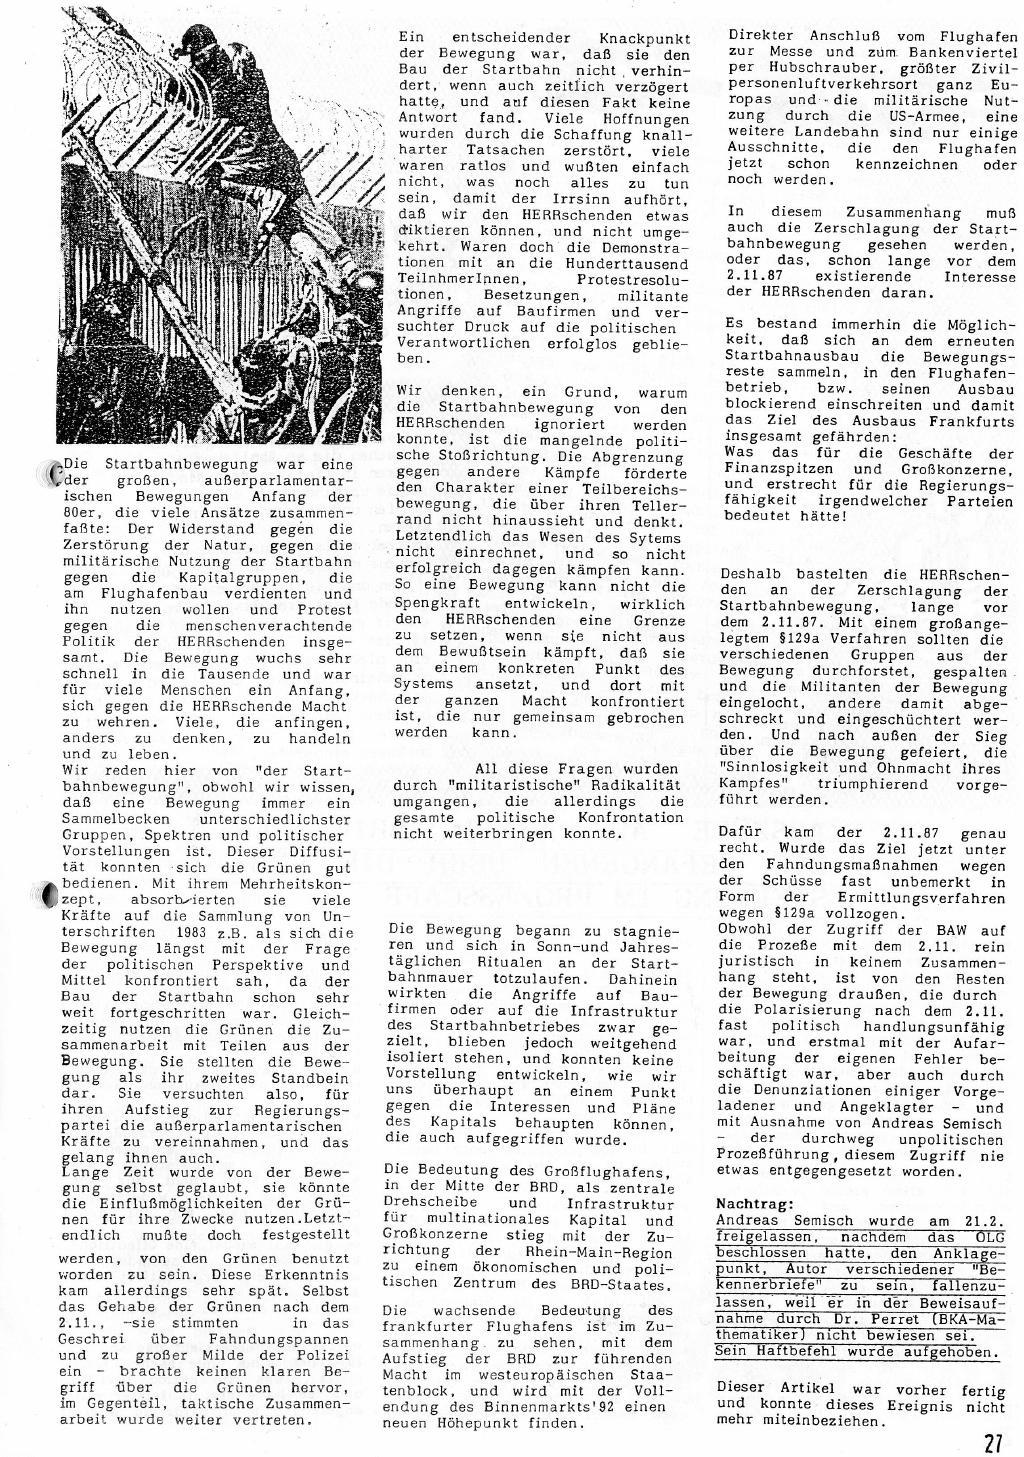 Frankfurt_Prozessinfo_Kein_Frieden_mit_den_Banken_1990_1_2_27